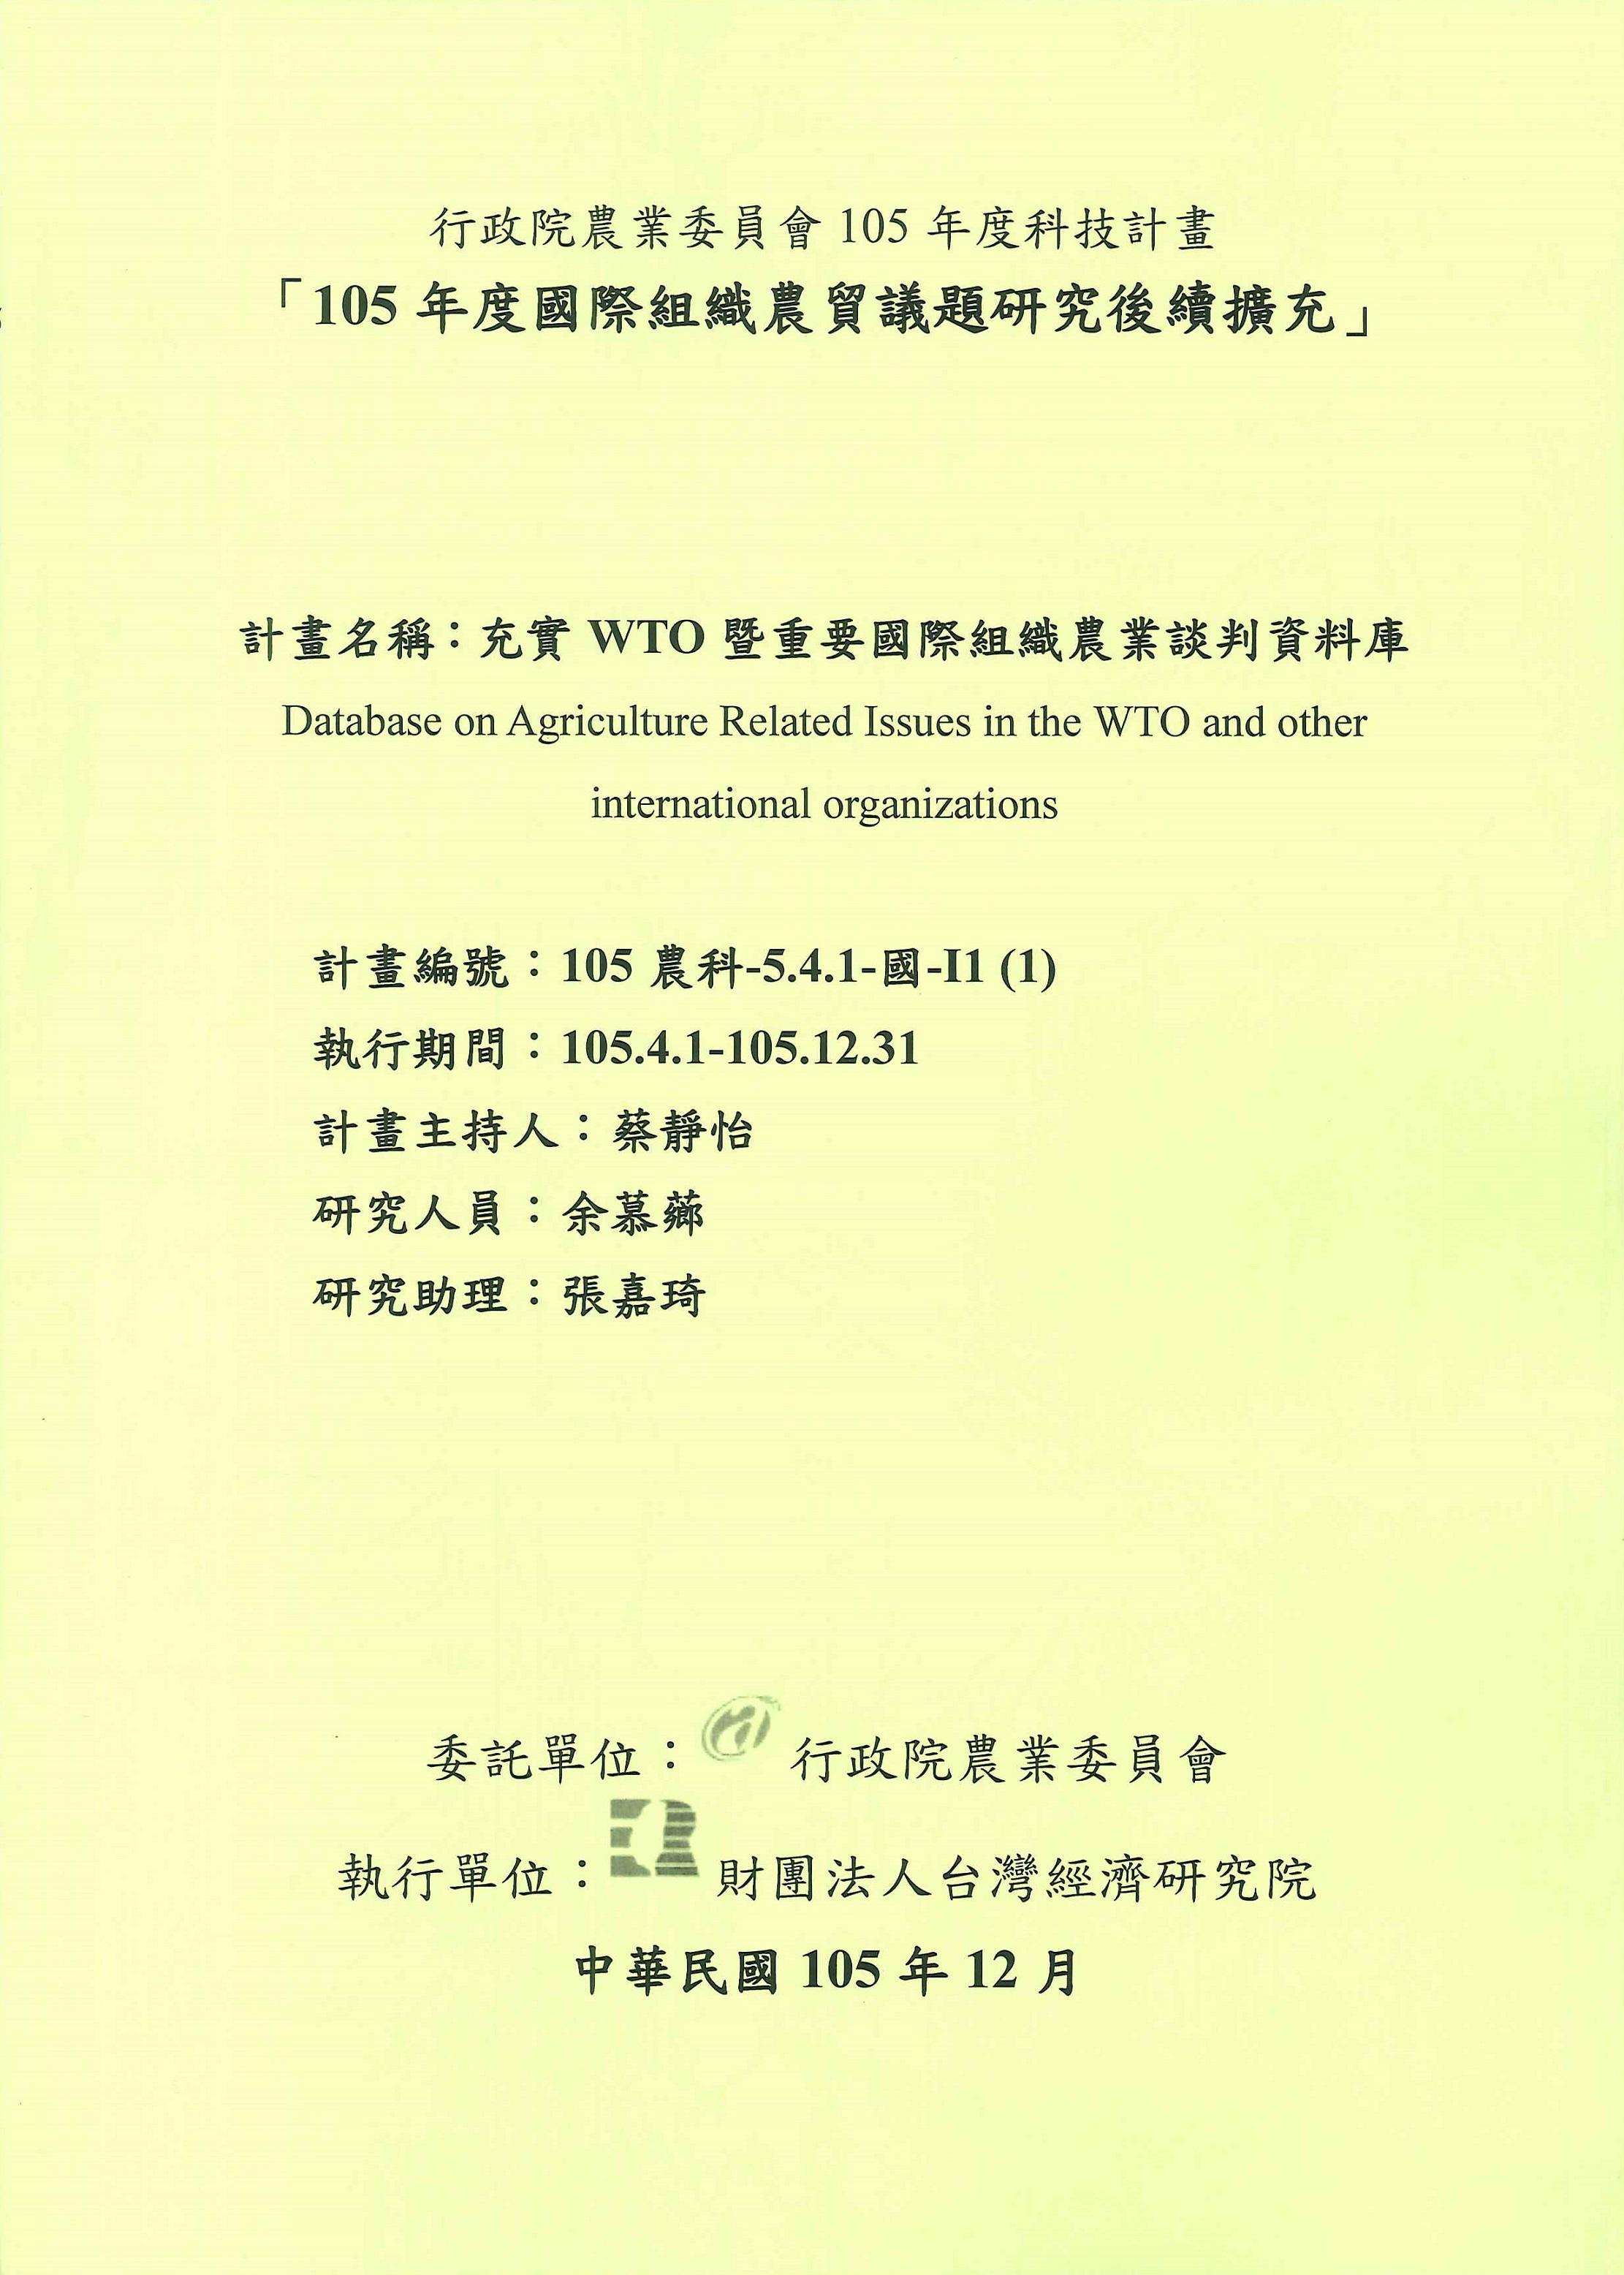 充實WTO暨重要國際組織農業談判資料庫=Database on agriculture related issues in the WTO and other international organizations